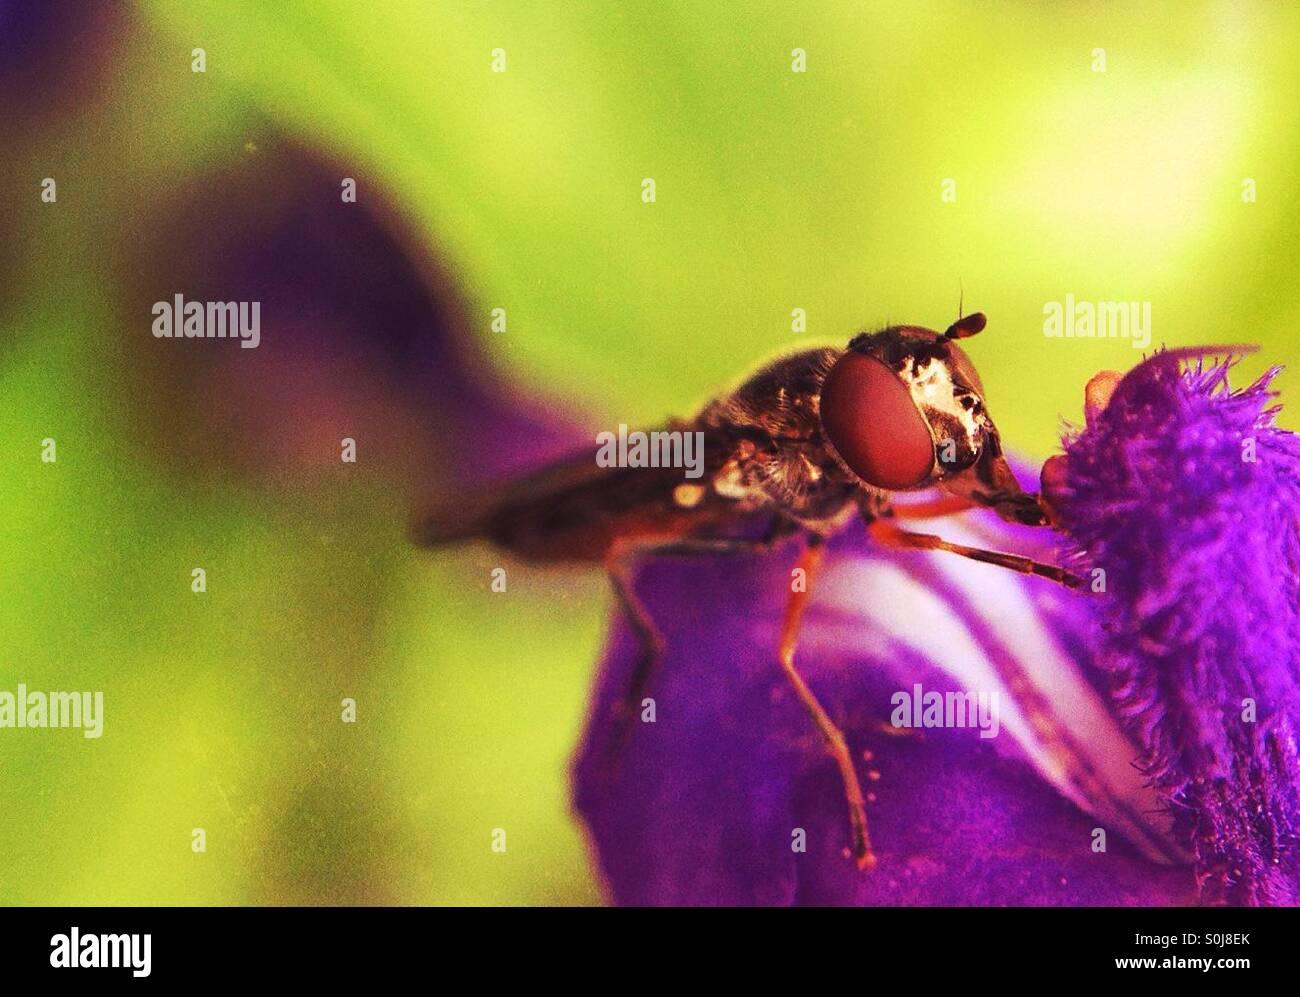 Nahaufnahme einer Fliege auf eine lila Blume Stockbild